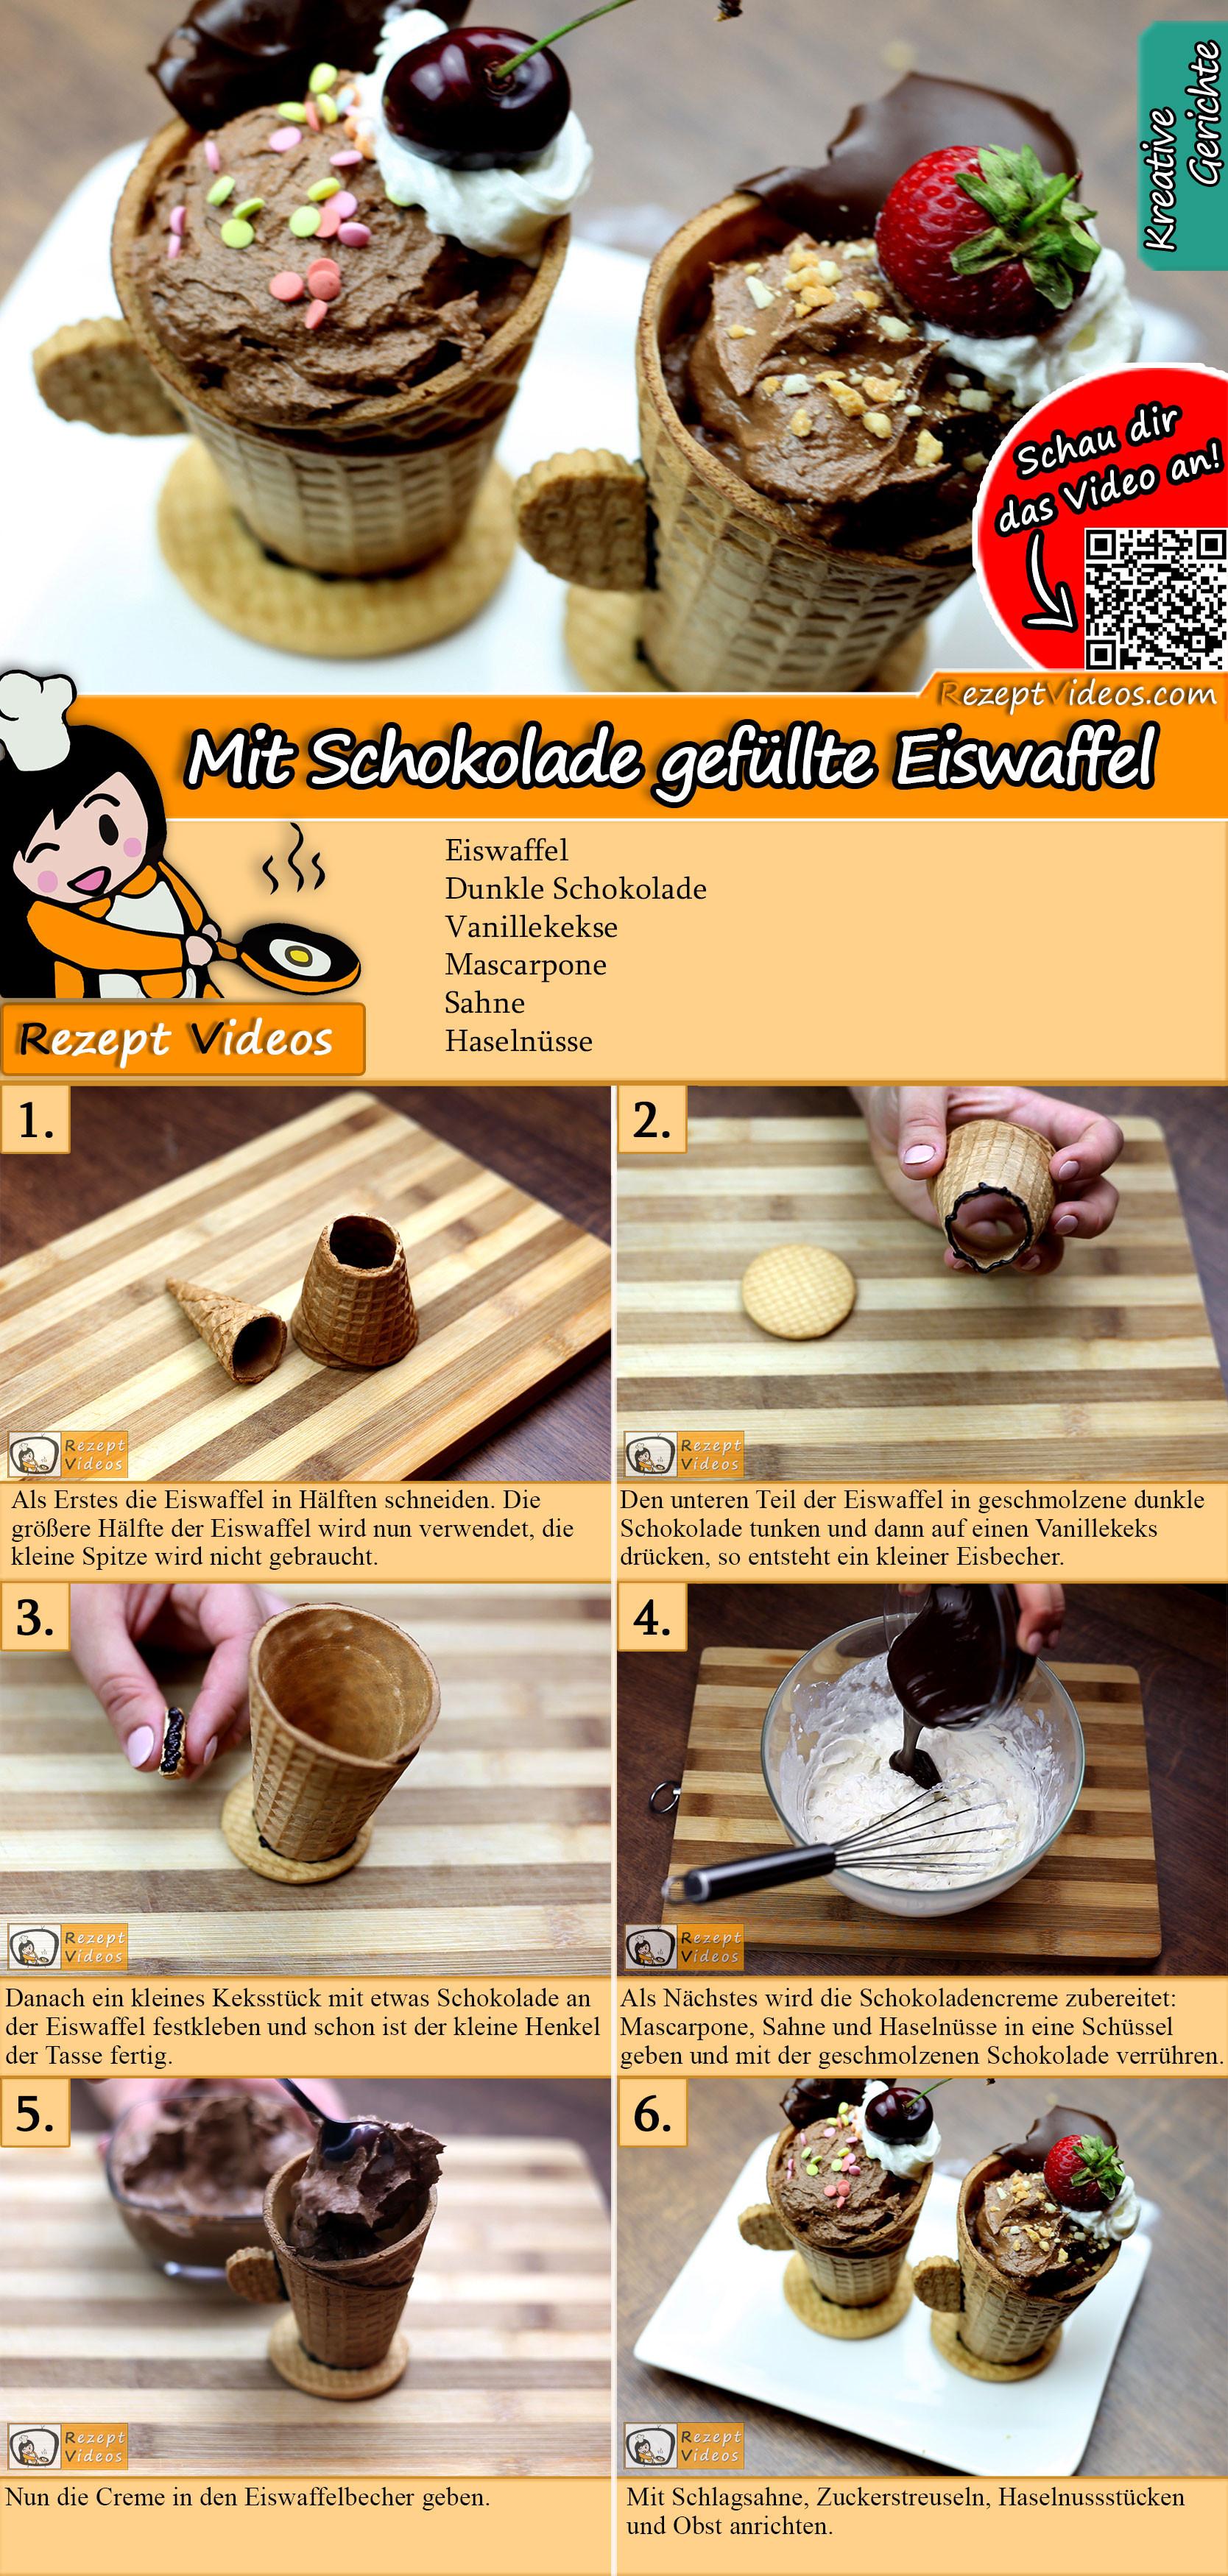 Mit Schokolade gefüllte Eiswaffel Rezept mit Video